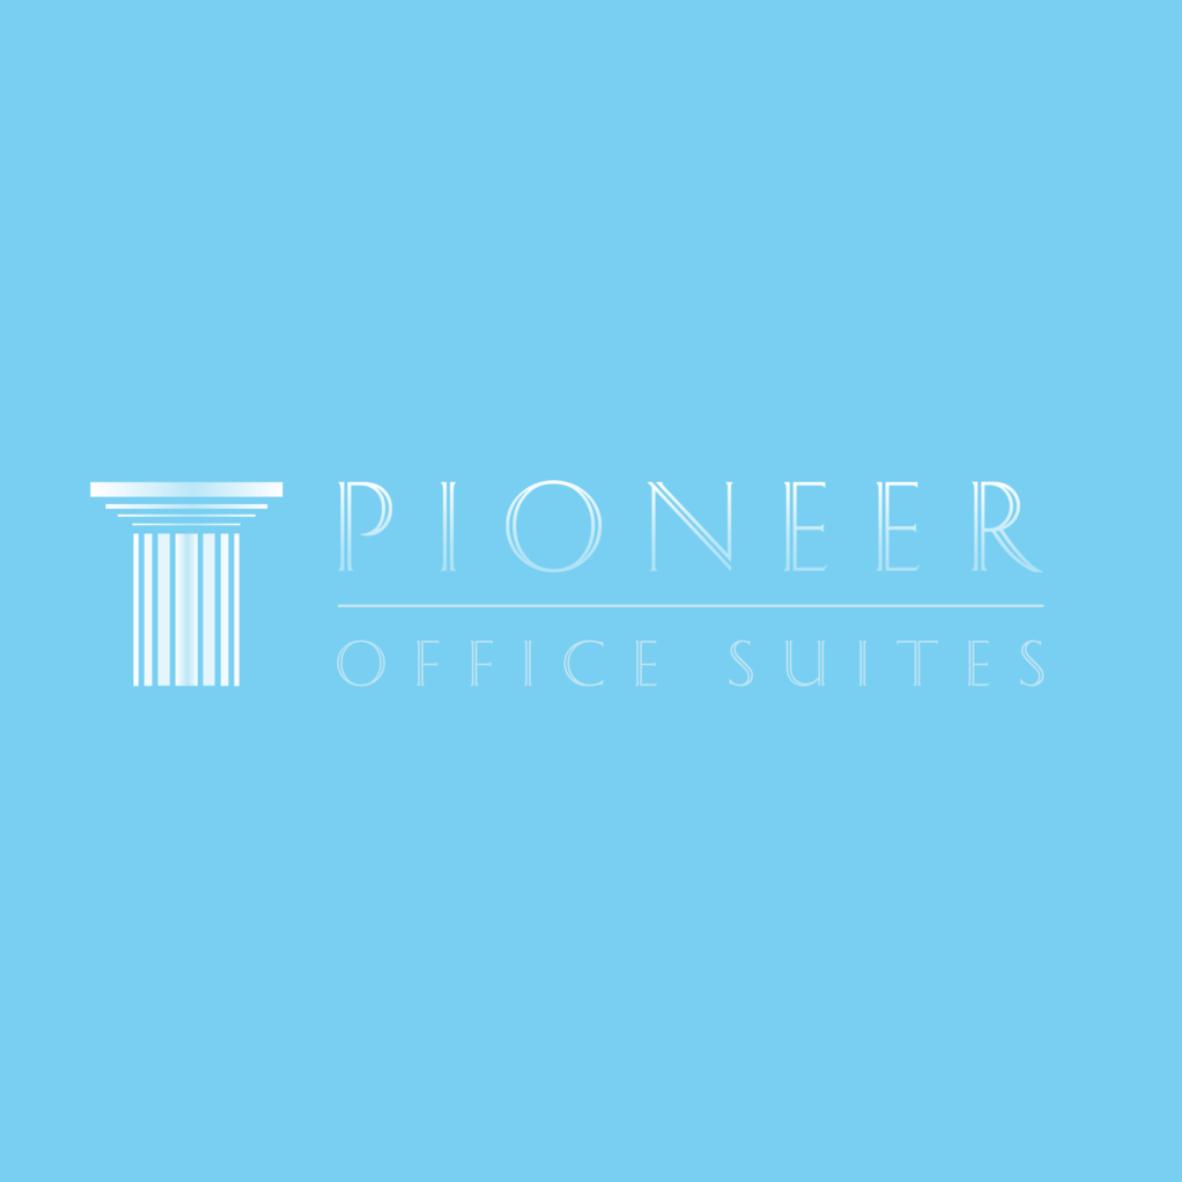 BoBella Branding Agency custom logo design sample for Pioneer office suites